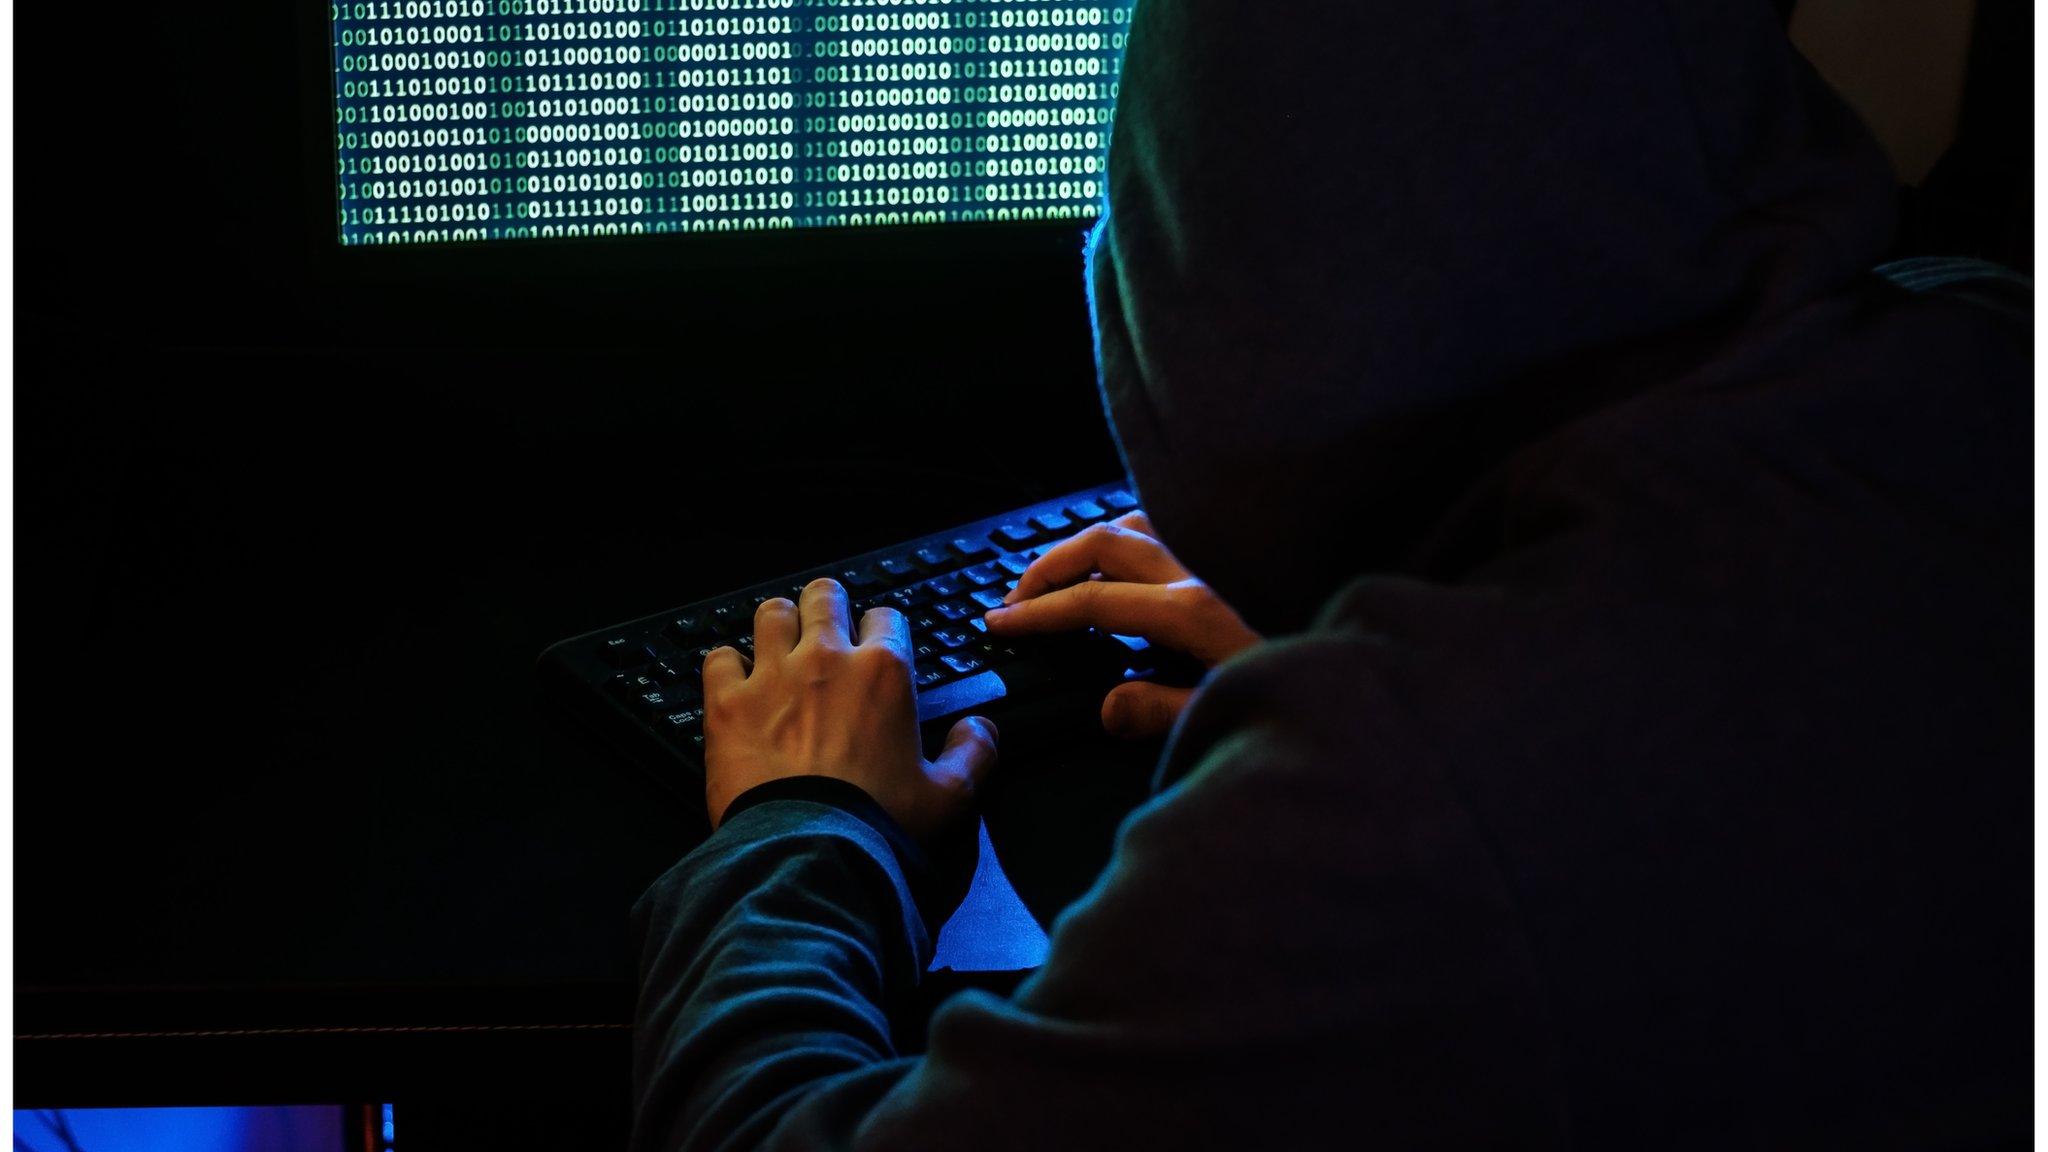 Virgin Media urges password change over hacking risk